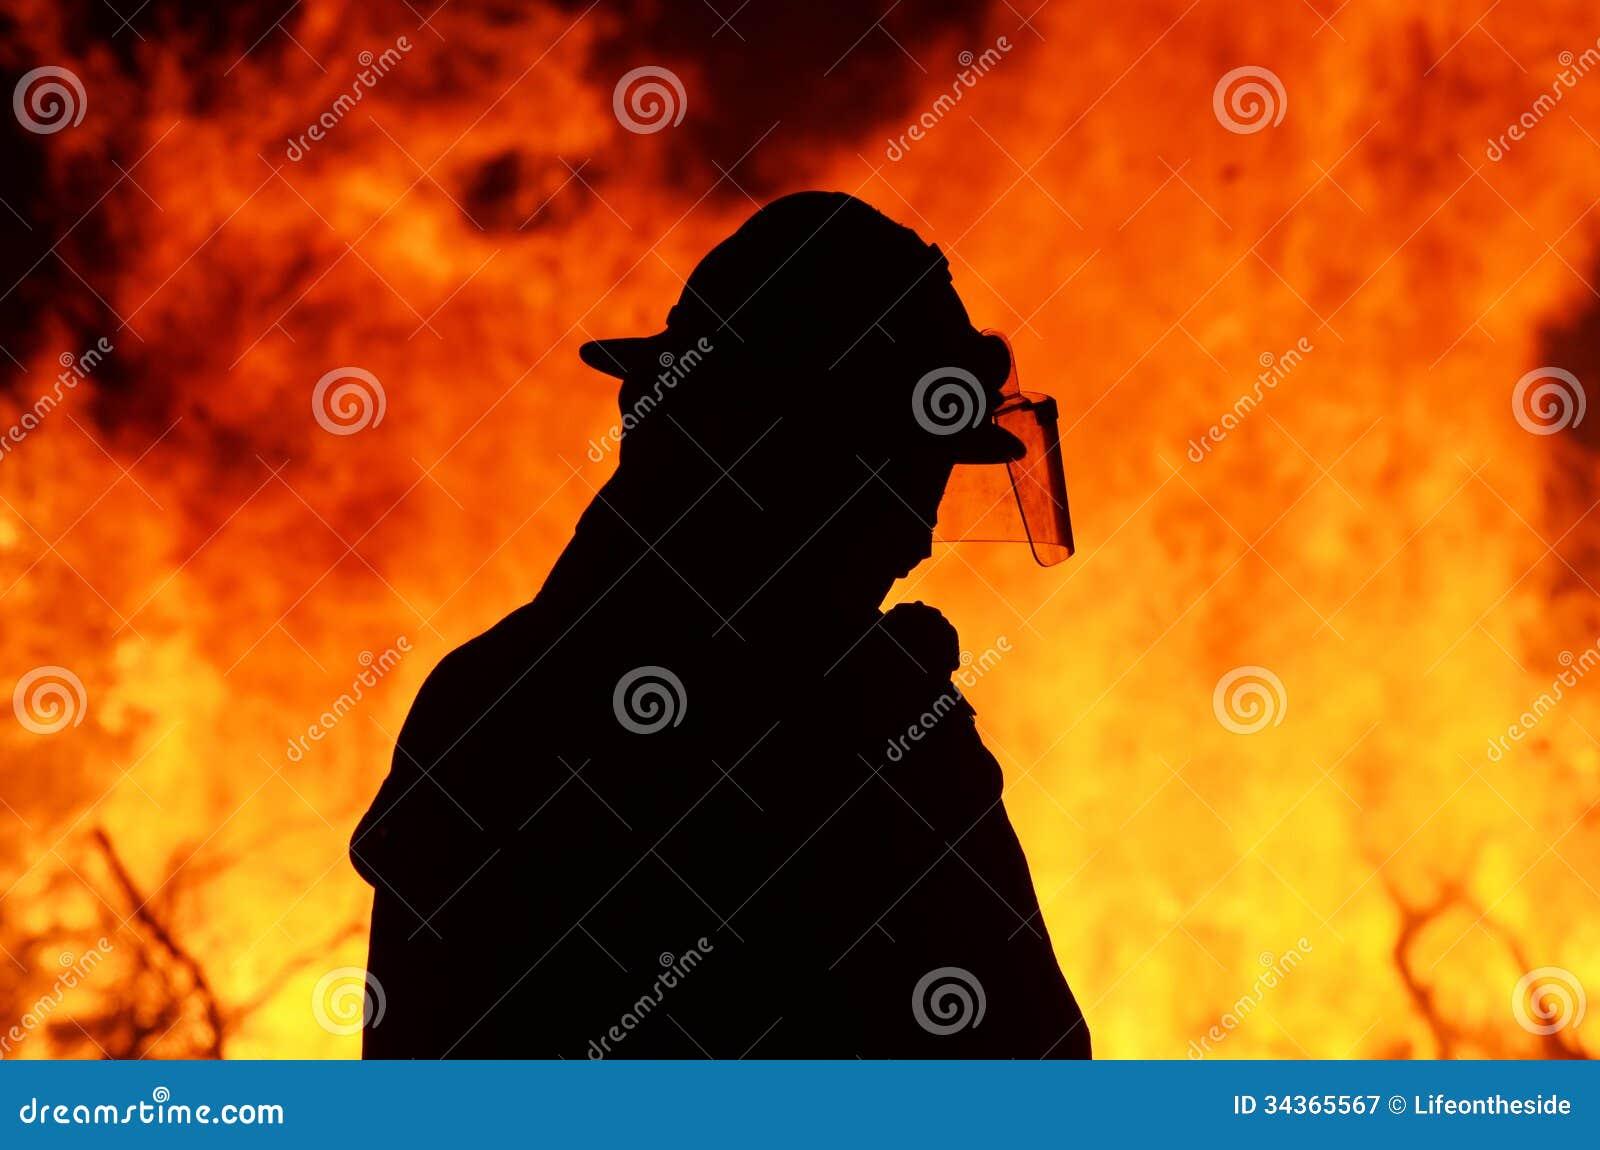 林区大火火焰的一个消防队员急救队员